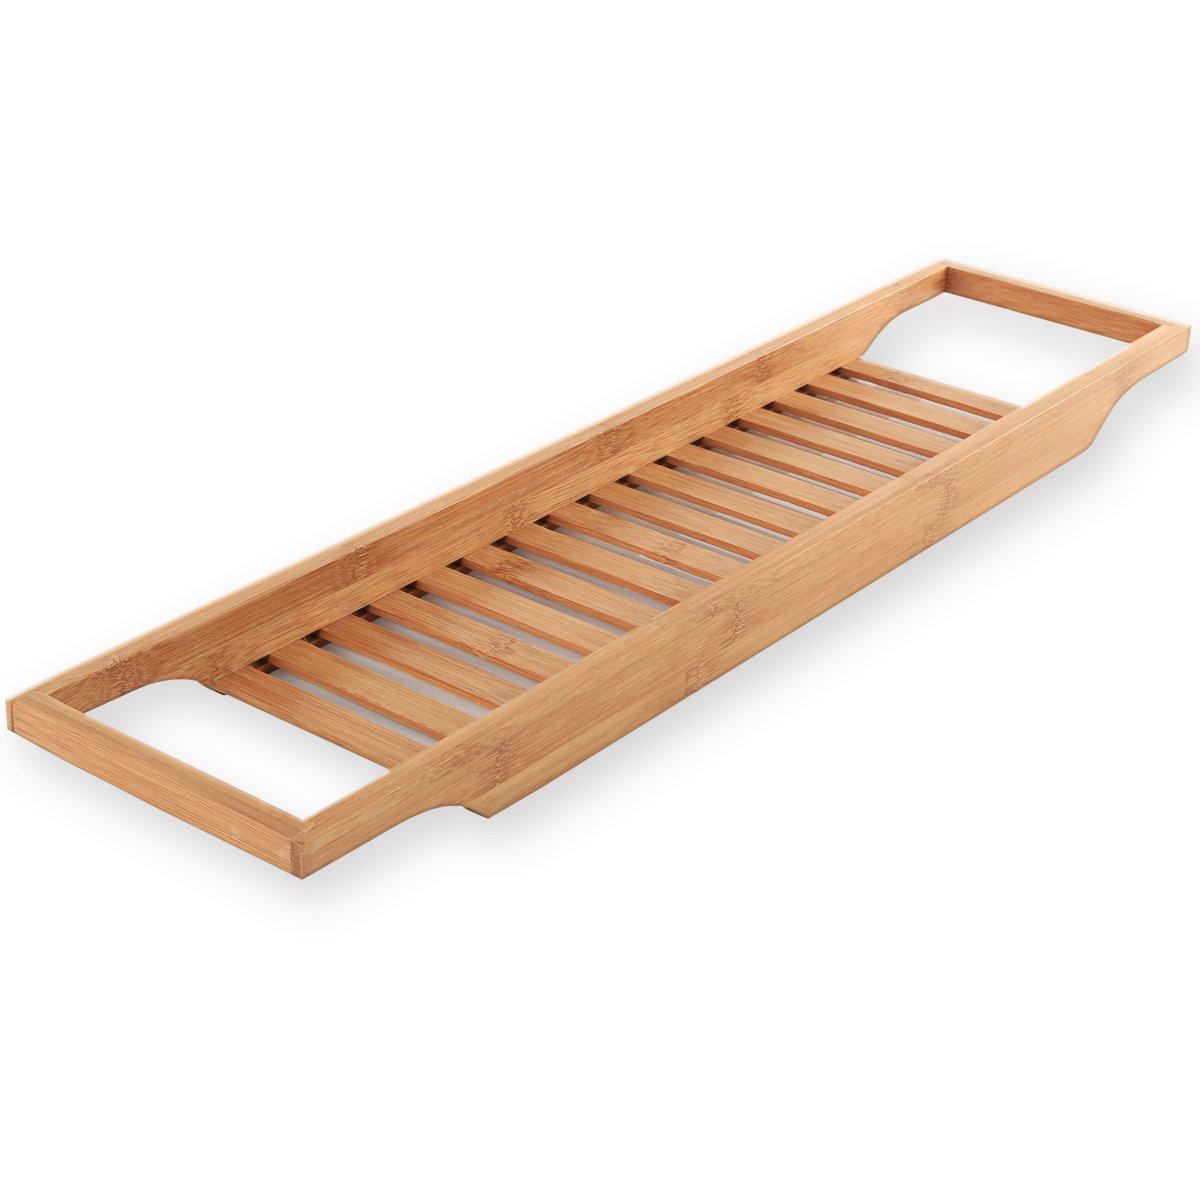 Torrex® 30541 Badewannenregal aus Bambus in verschiedenen Größen Badewannenablage (64 x 15 x 3, 5 cm)